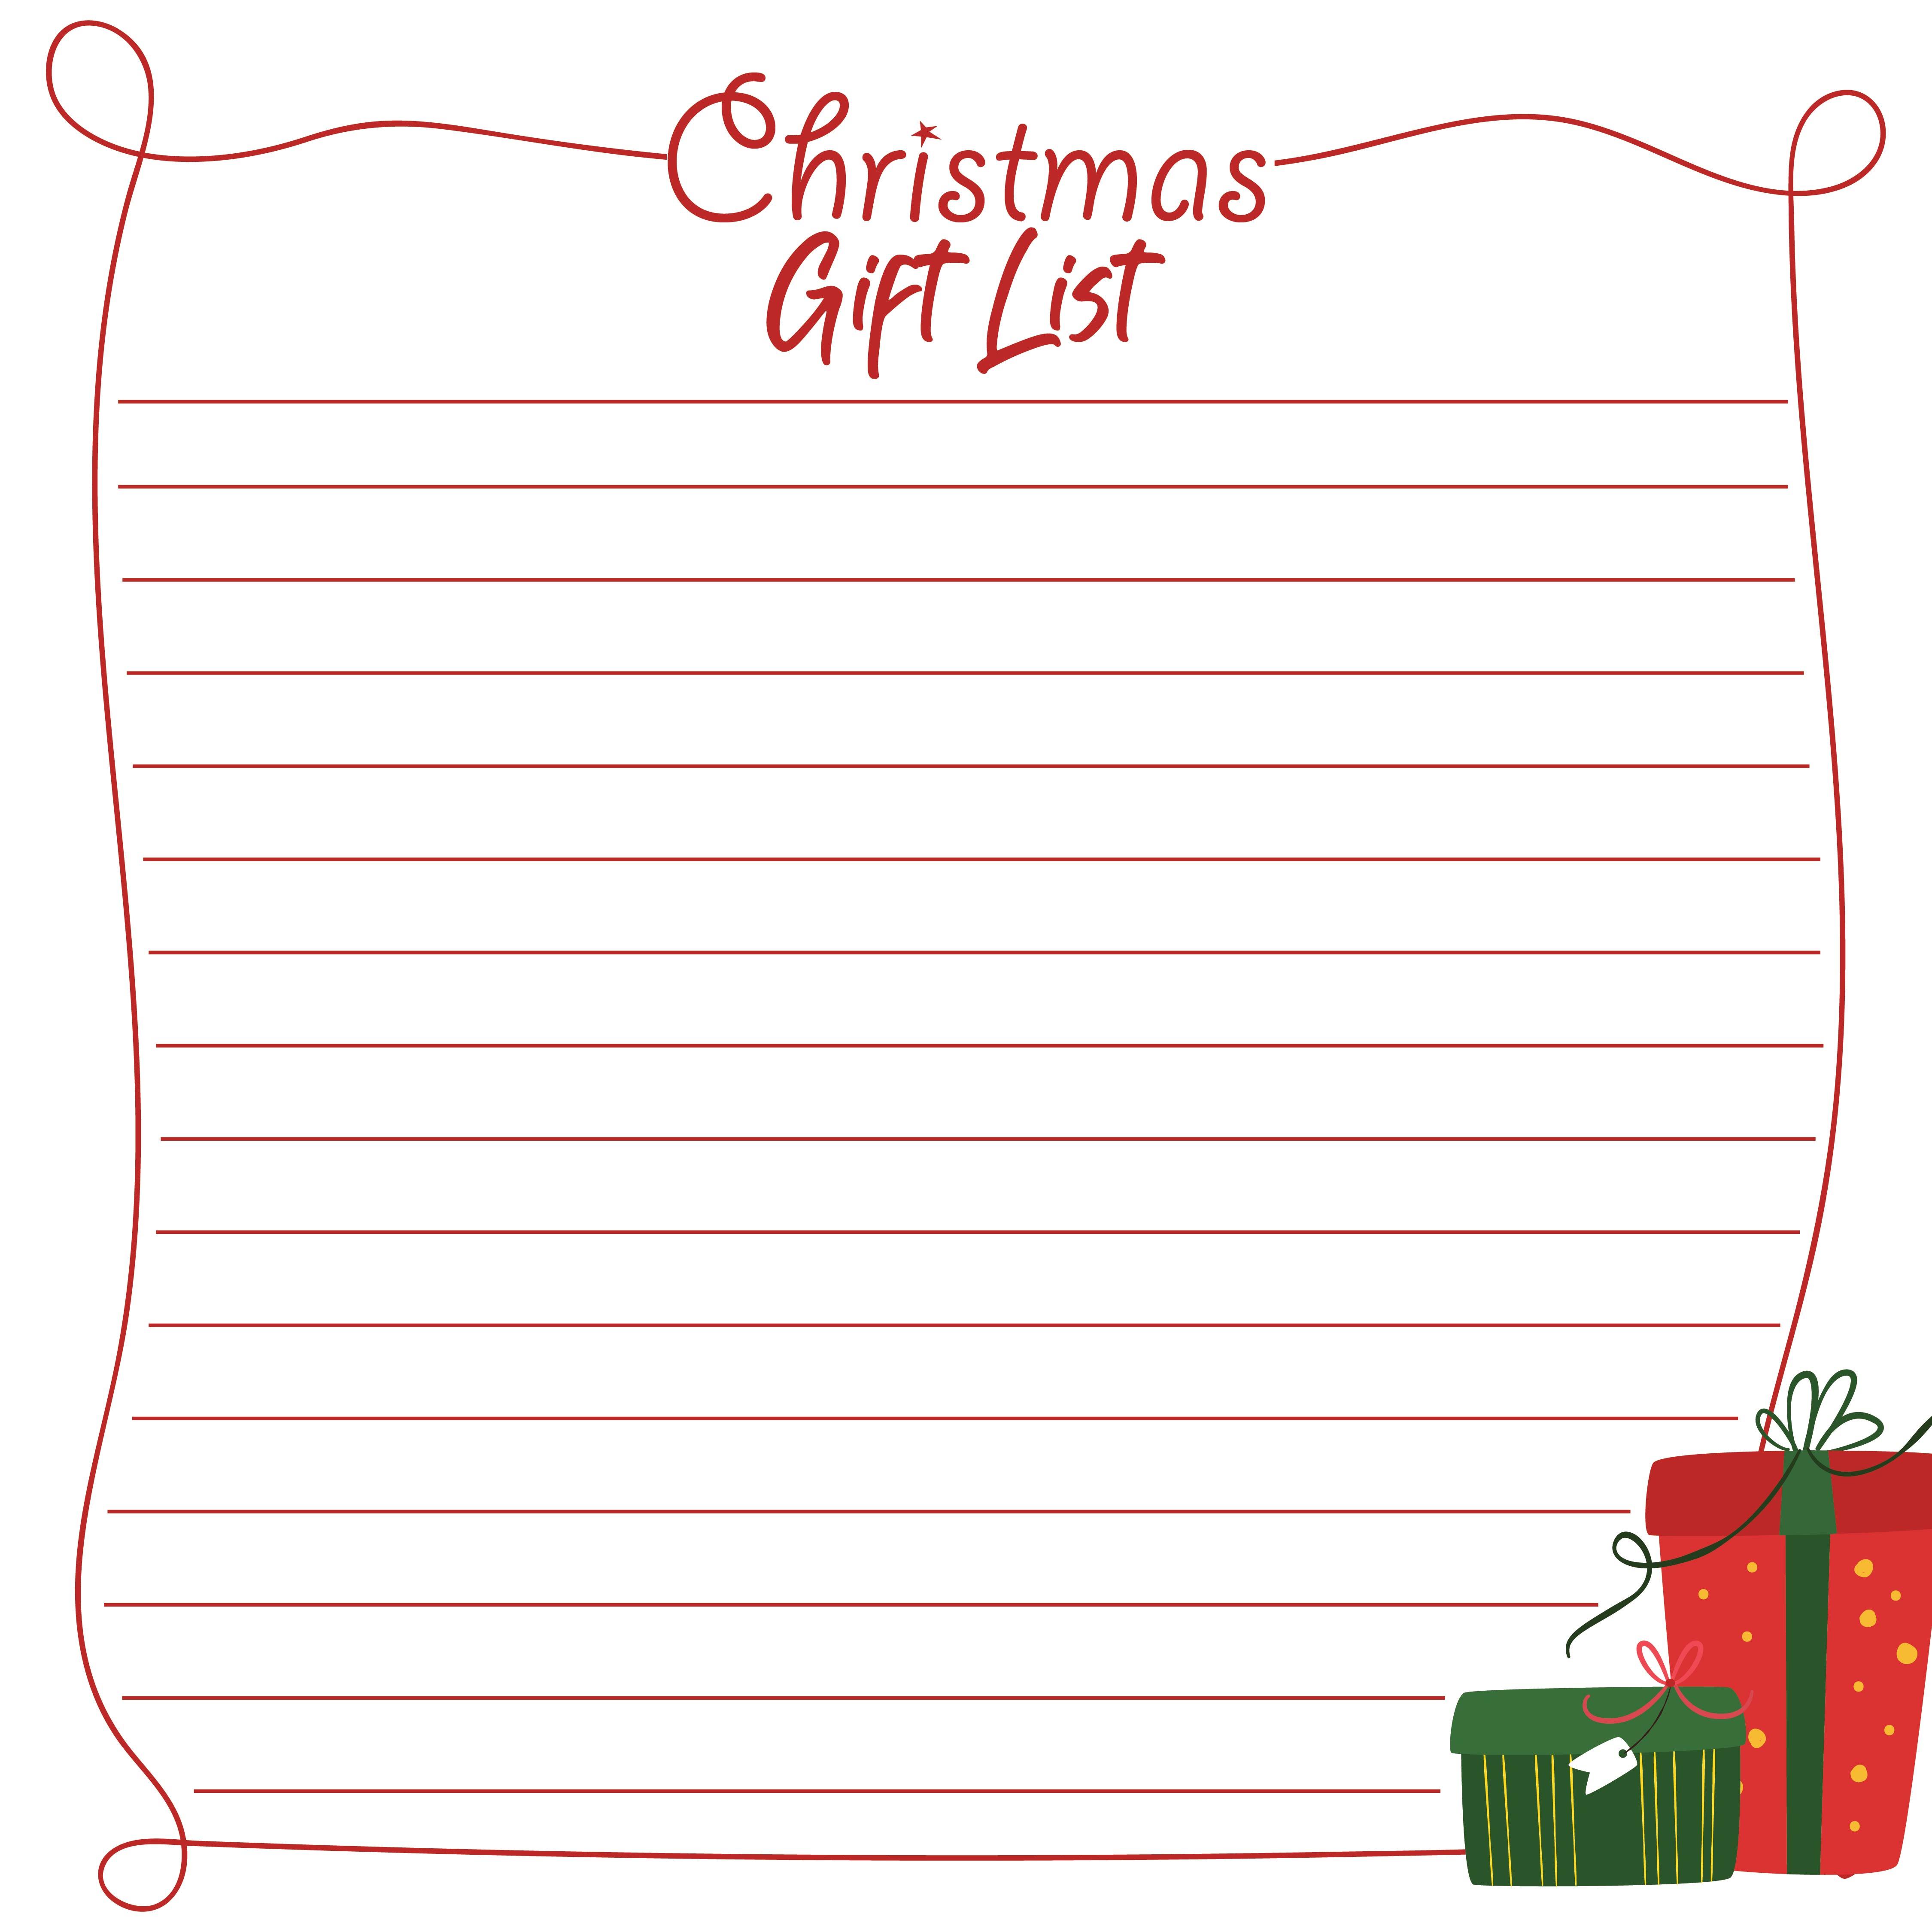 5 Images of Printable Christmas Wish List Form